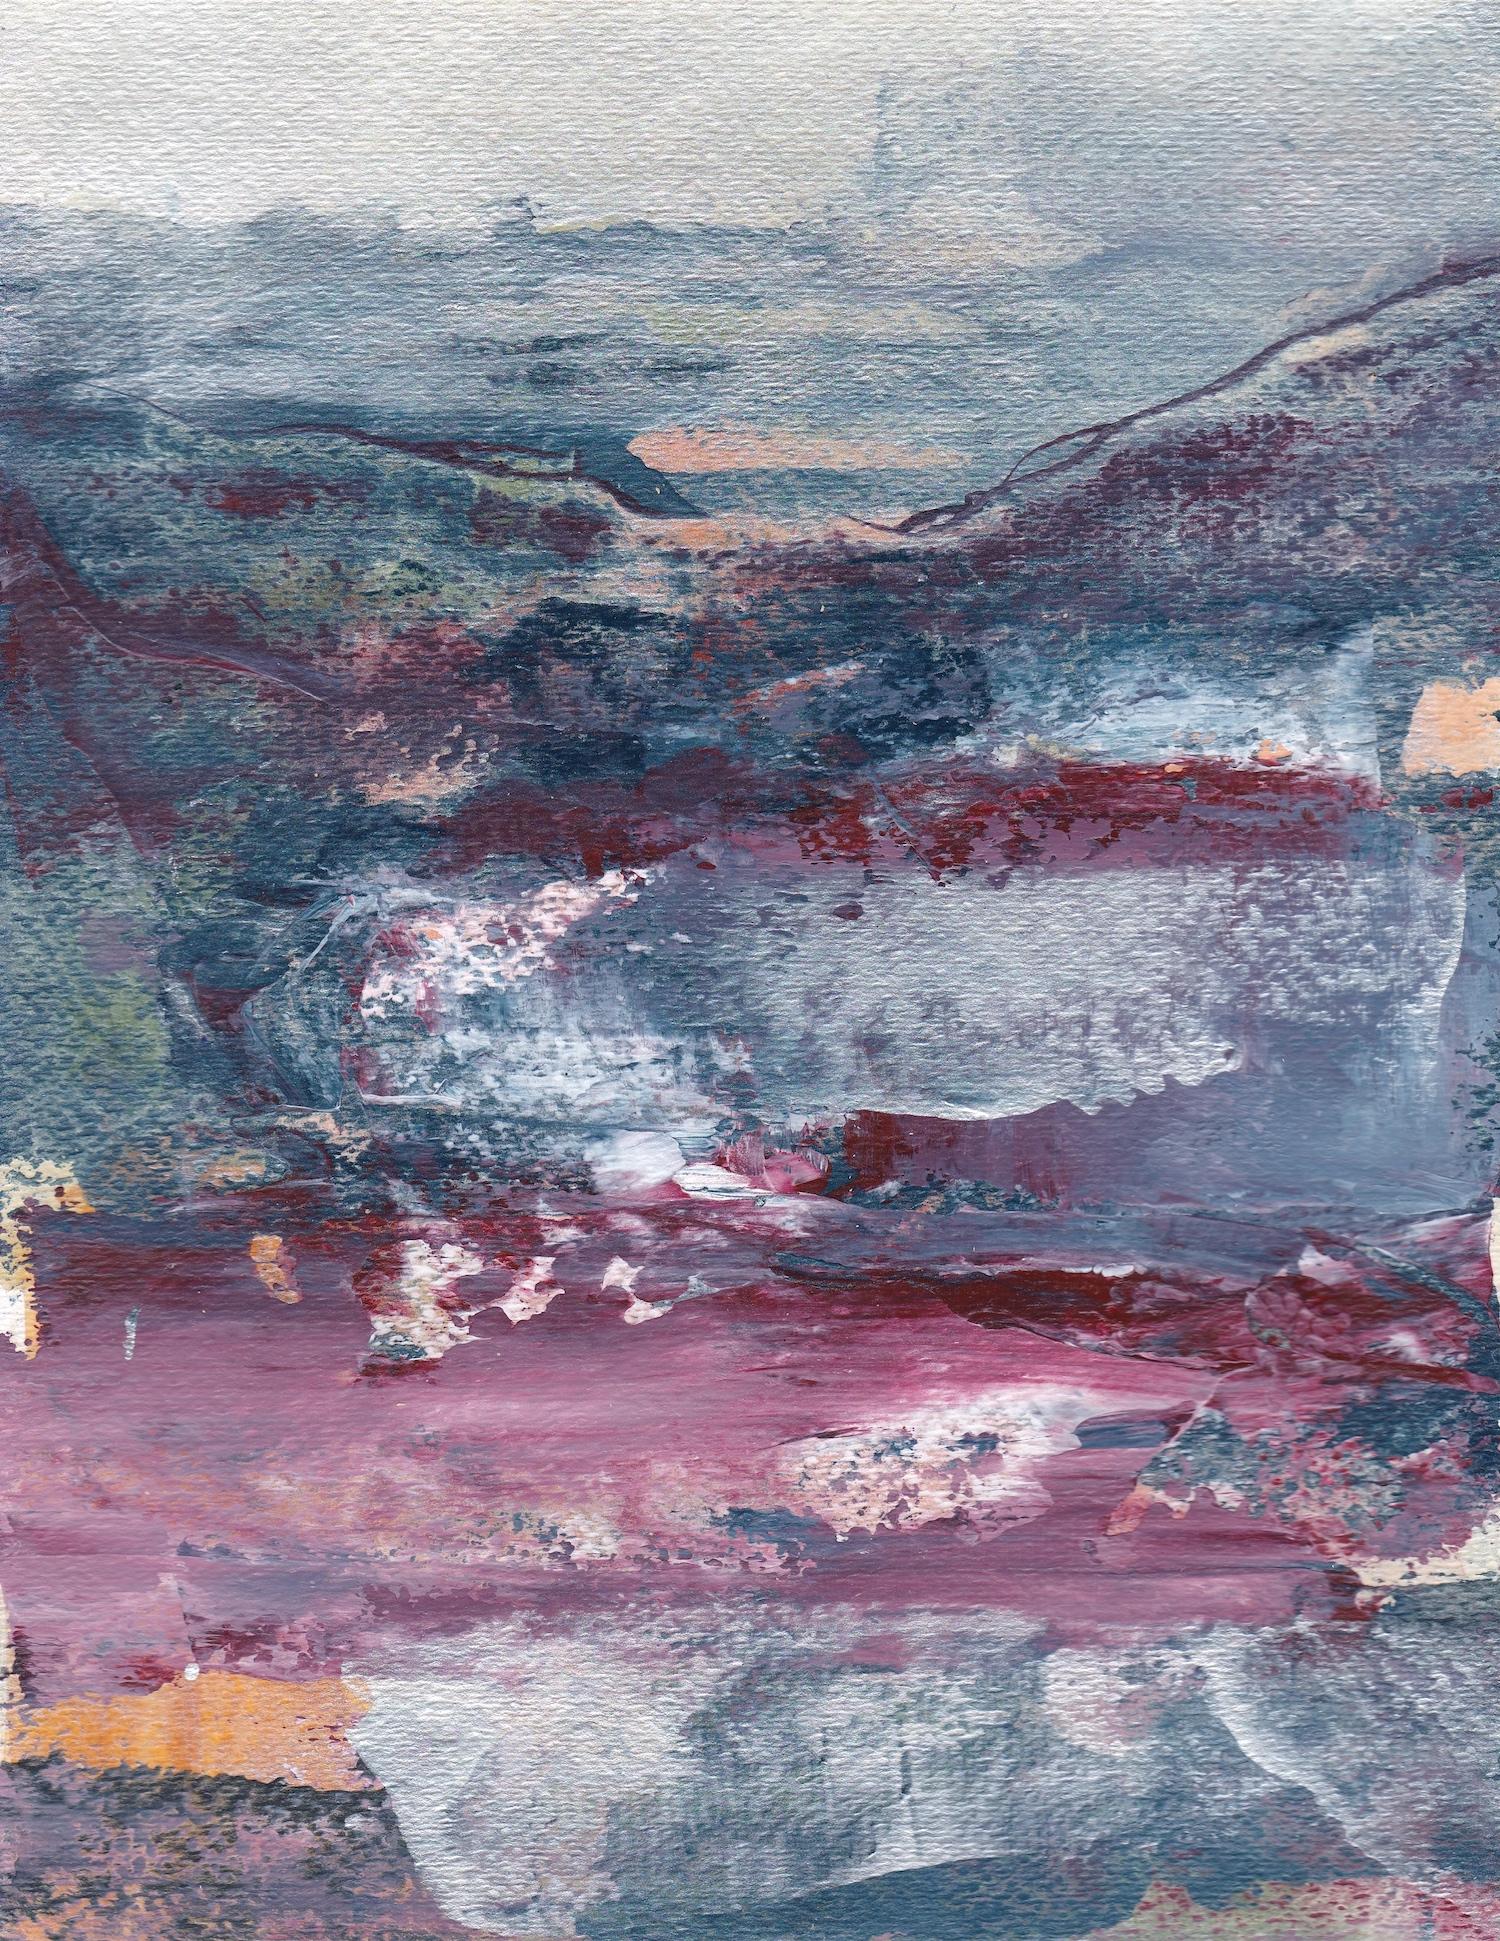 Composition #5